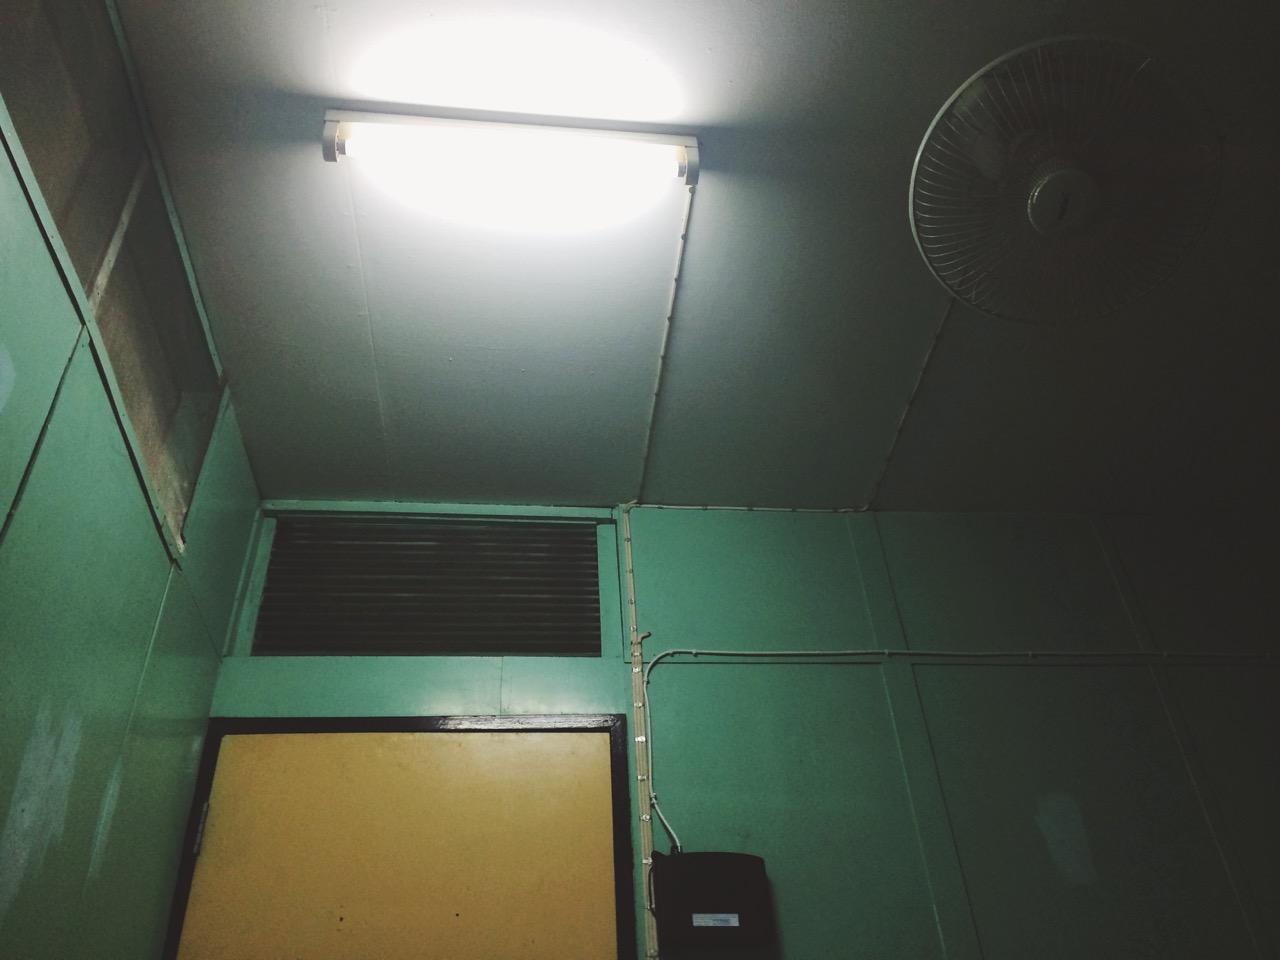 Путешествие по Таиланду, Бангкок: Типичная комната бюджетного гестхауса